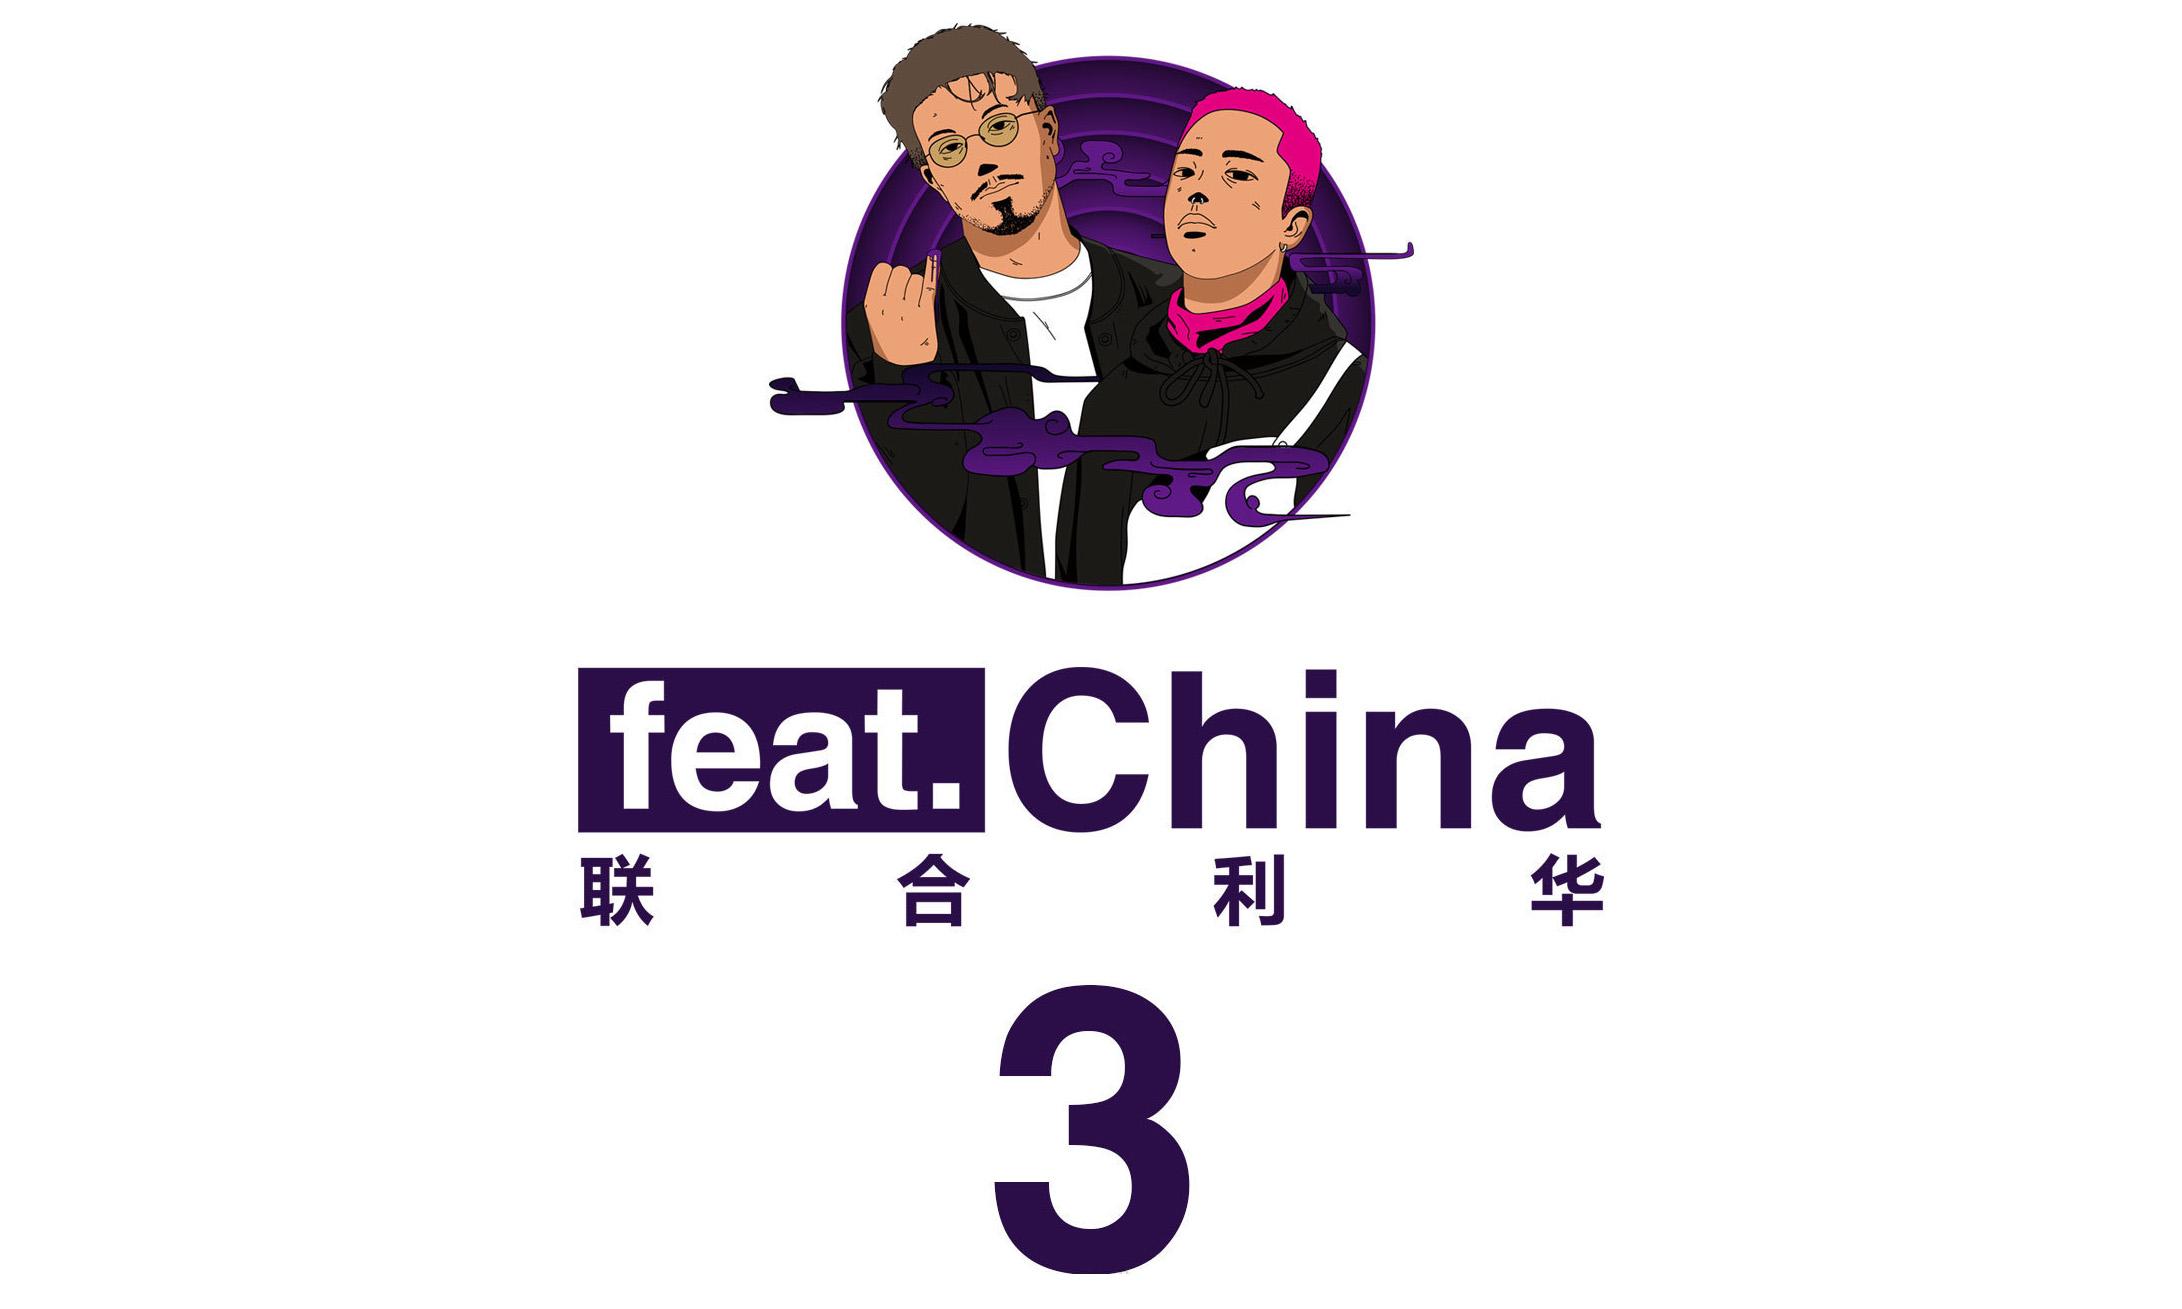 出人头地《Feat.China 联合利华》纪录片第三集《drip》MV 发布